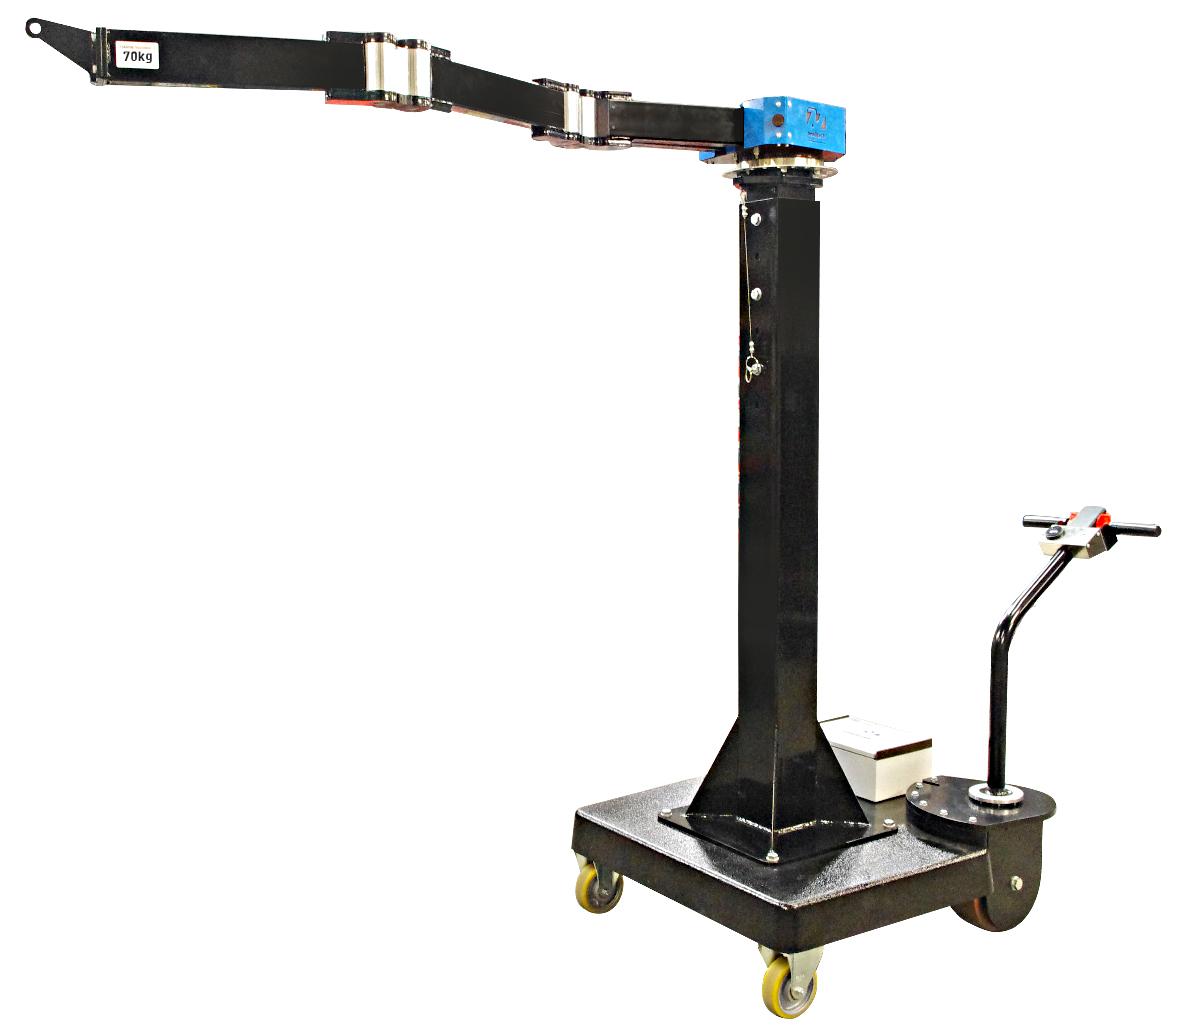 PM1405 – Potence mobile 100 kg sur socle sur roue électrique